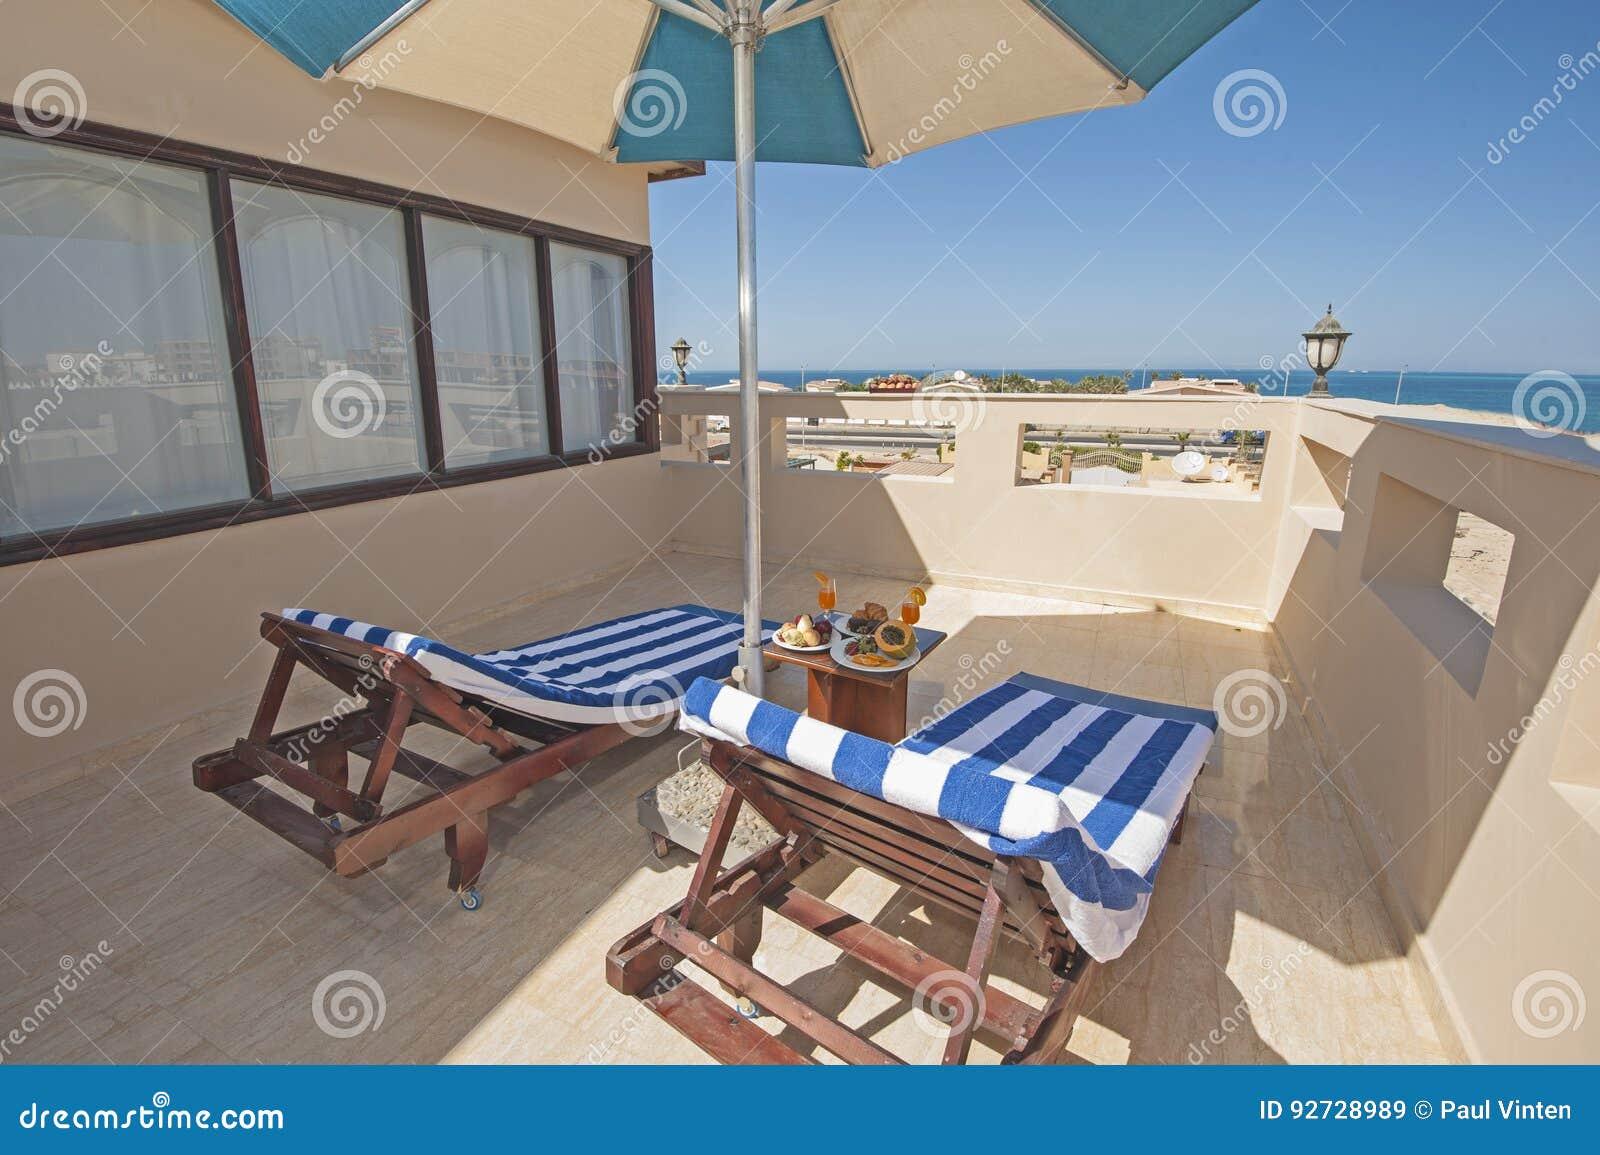 Überdachen Sie Terrasse Mit Sonnenbetten In Der Luxuswohnung ...